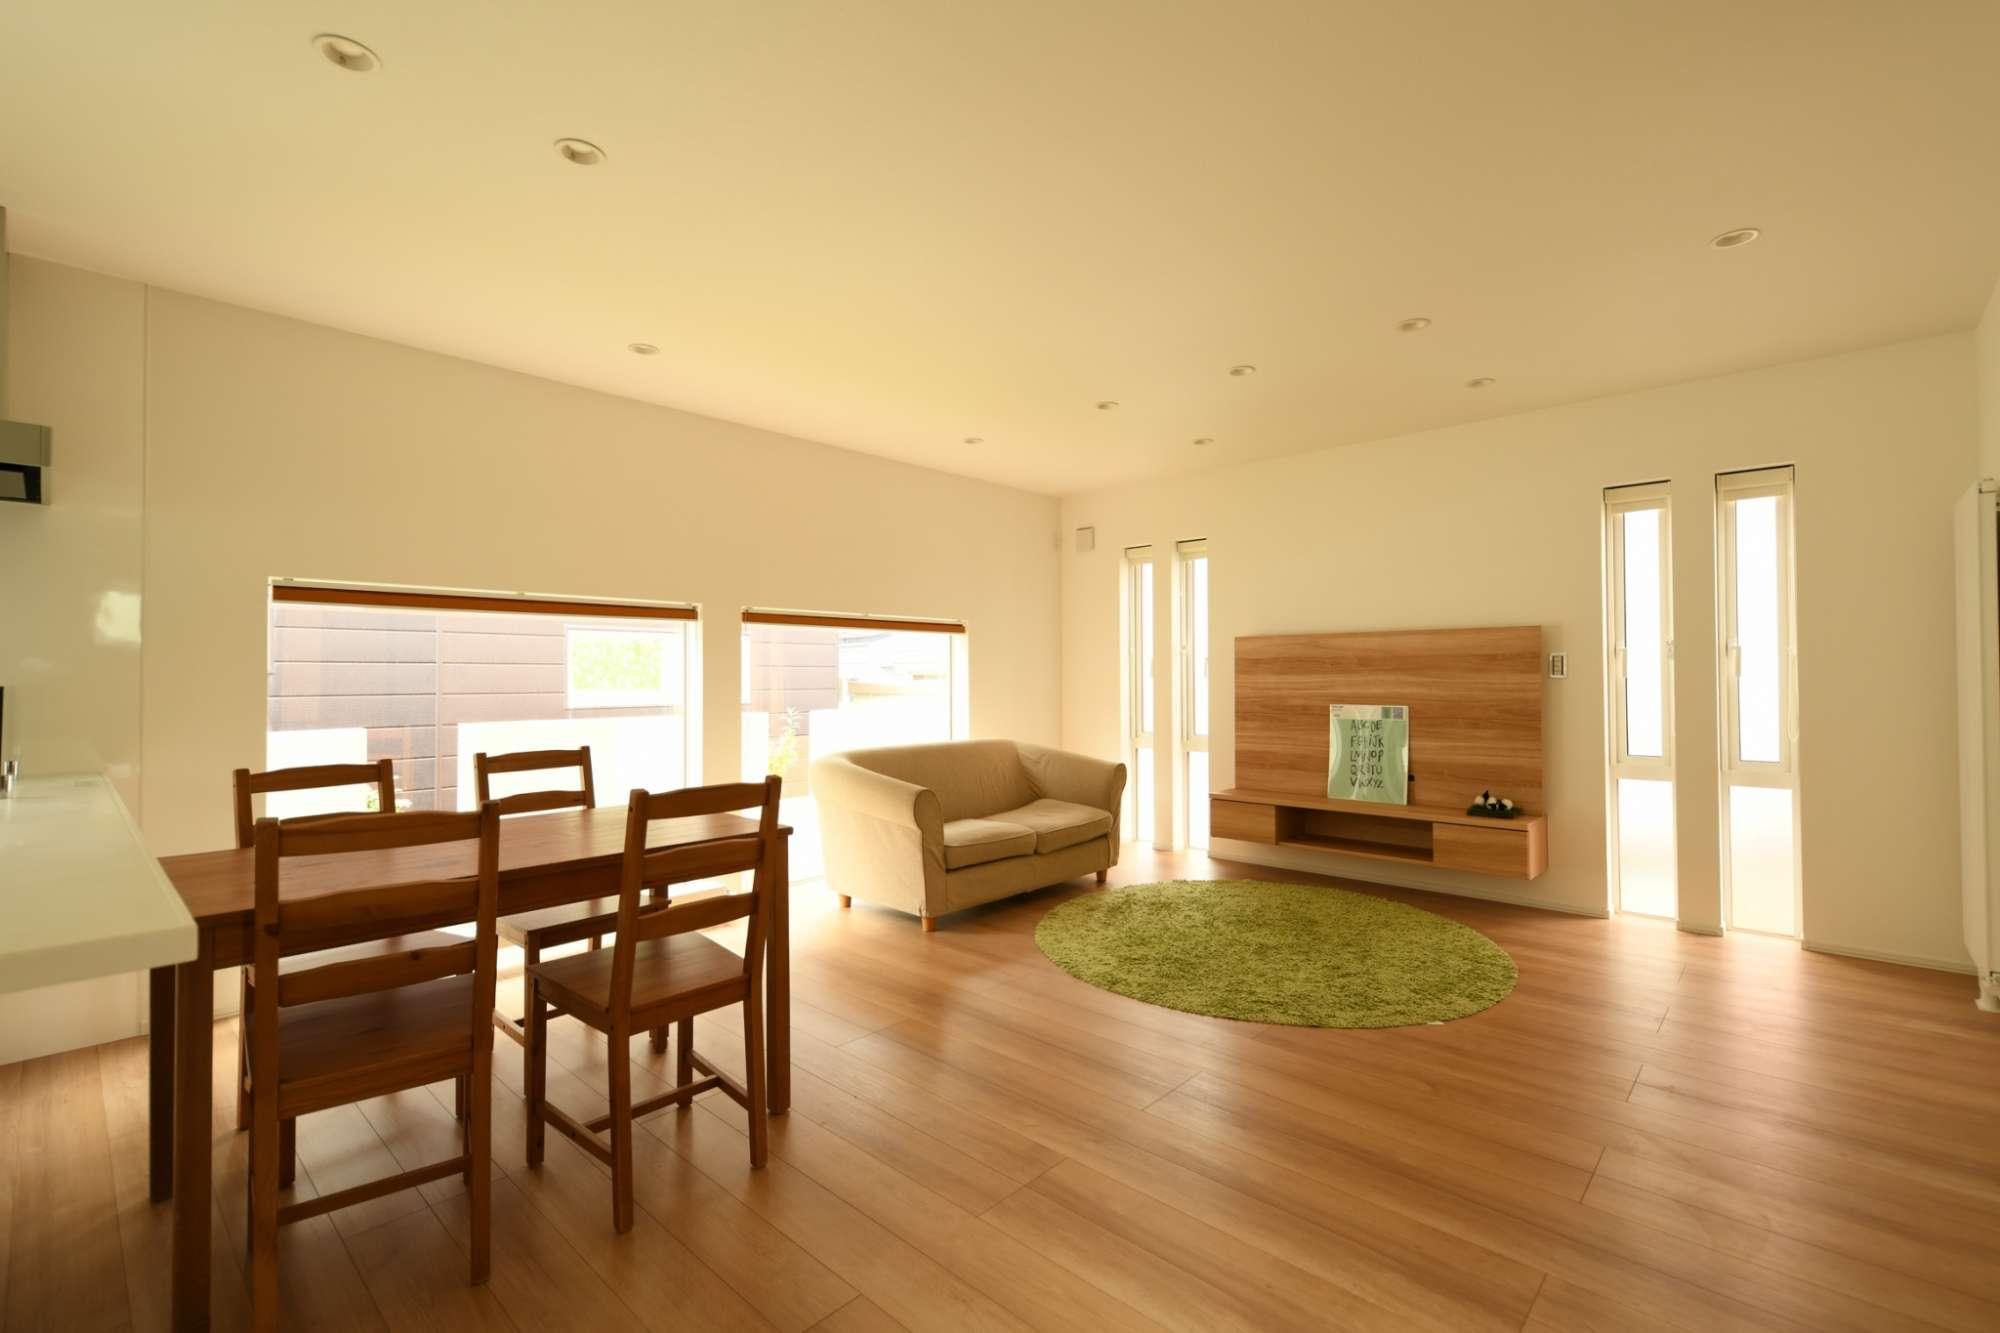 柔らかいベージュの空間がふわりと優しい住まい -